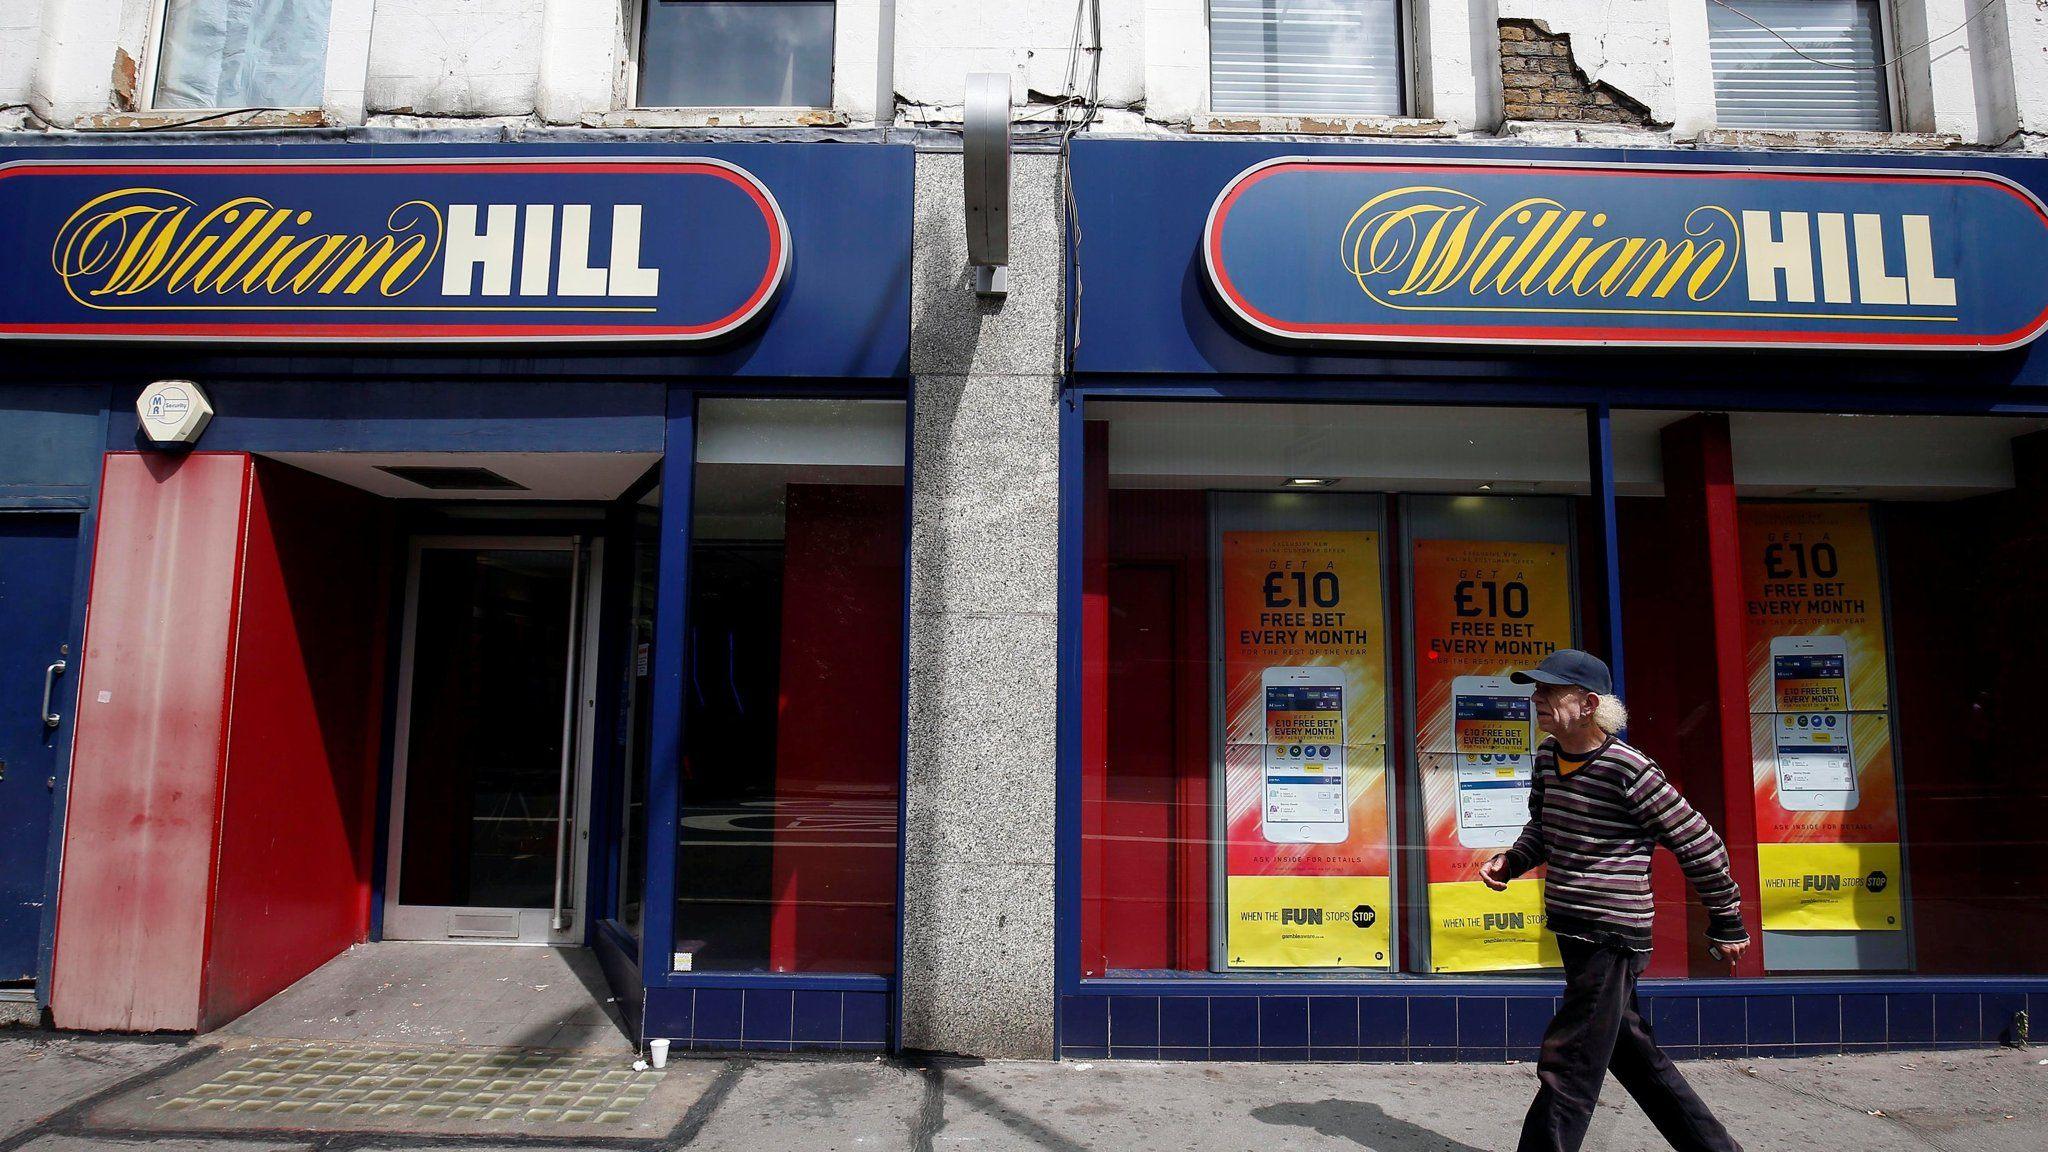 William Hill sports betting revenue